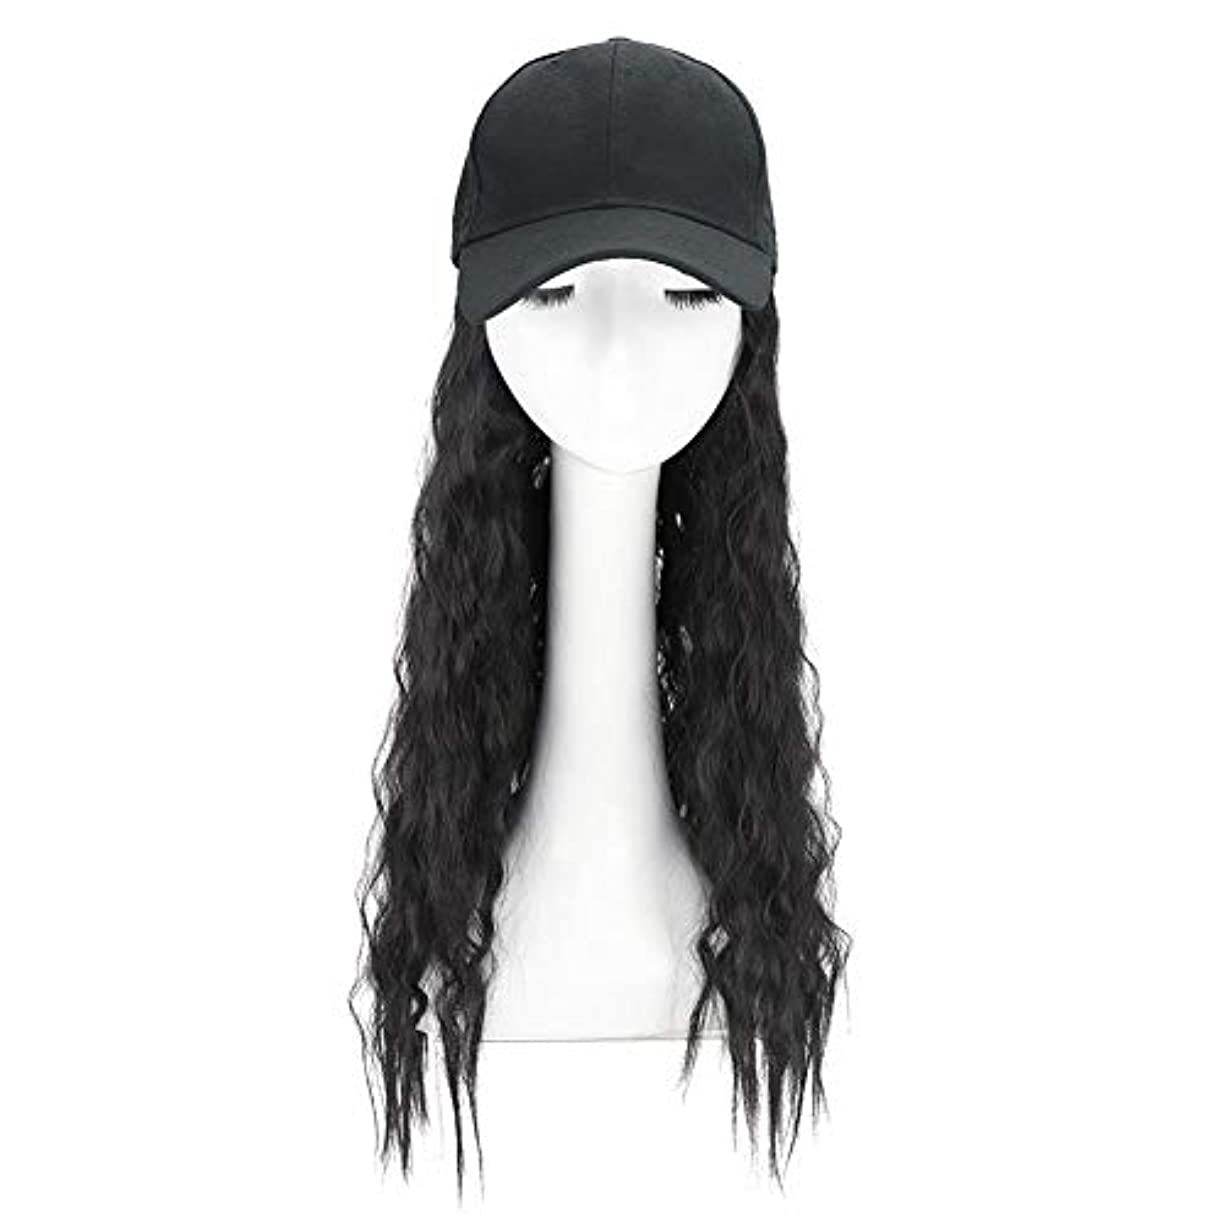 負素子威信Brill(ブリーオ)帽子ロングカーリーウェーブ女性ファッション野球帽ブラックウィッグ